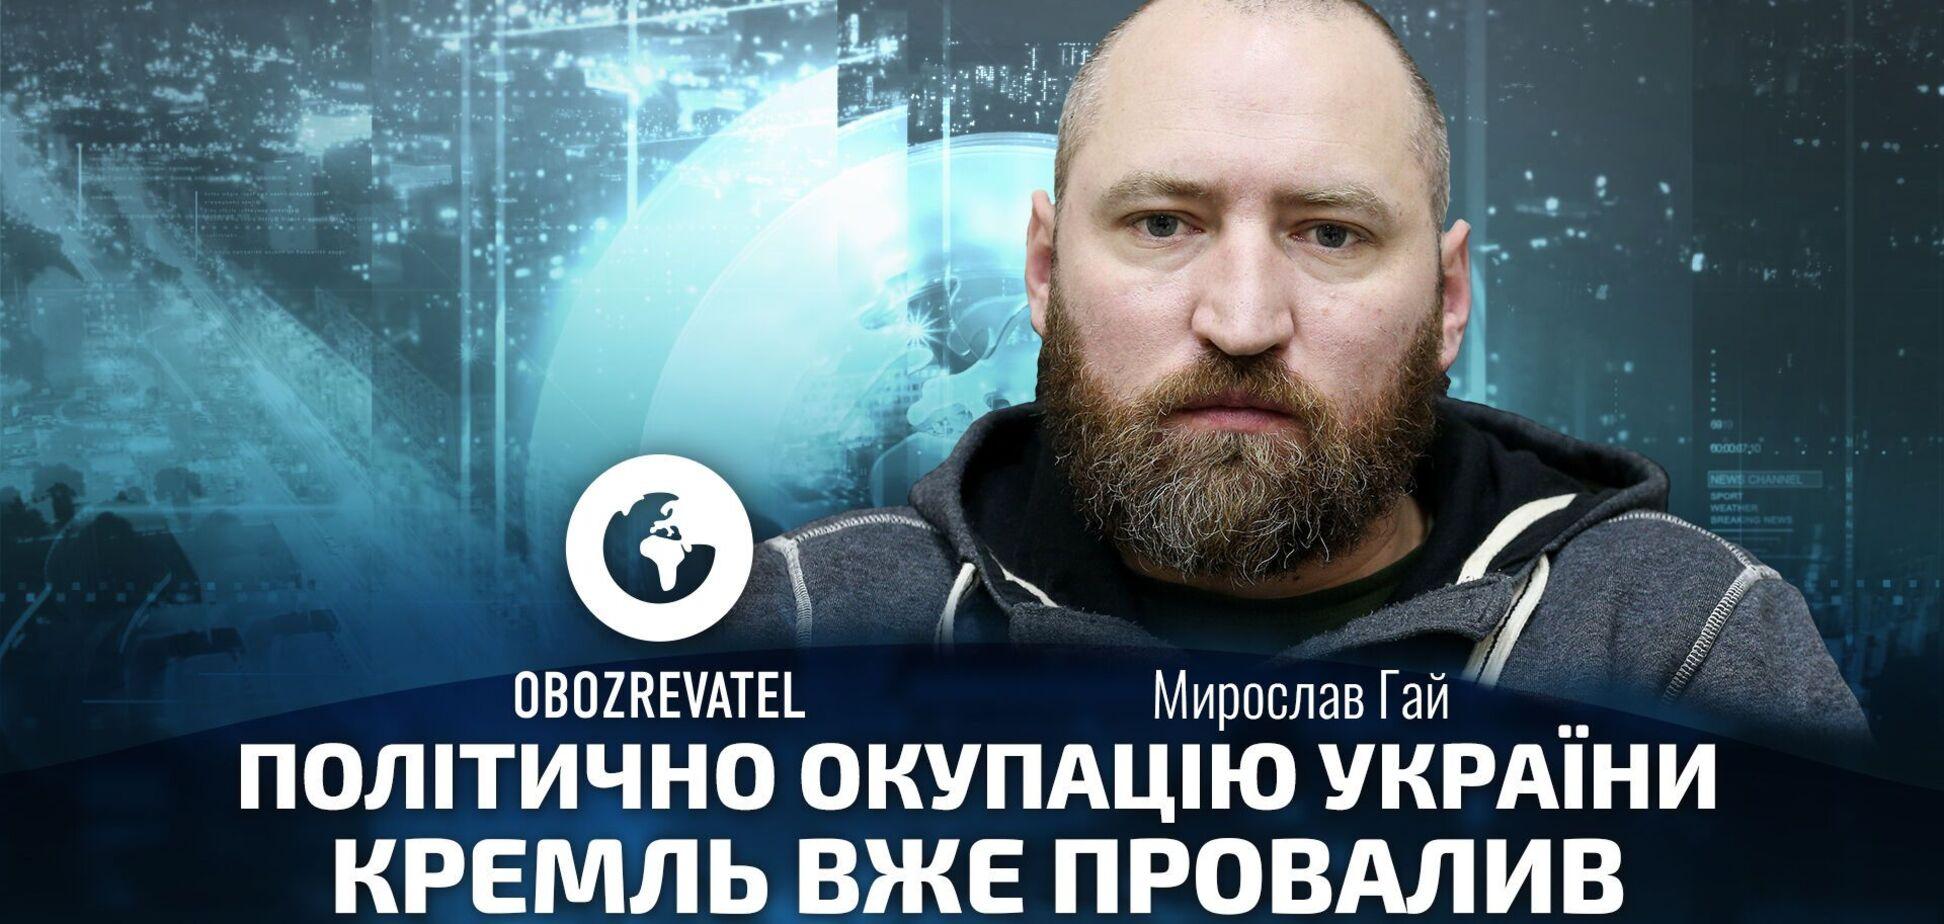 Гай: Кремль провалил оккупацию Украины политически